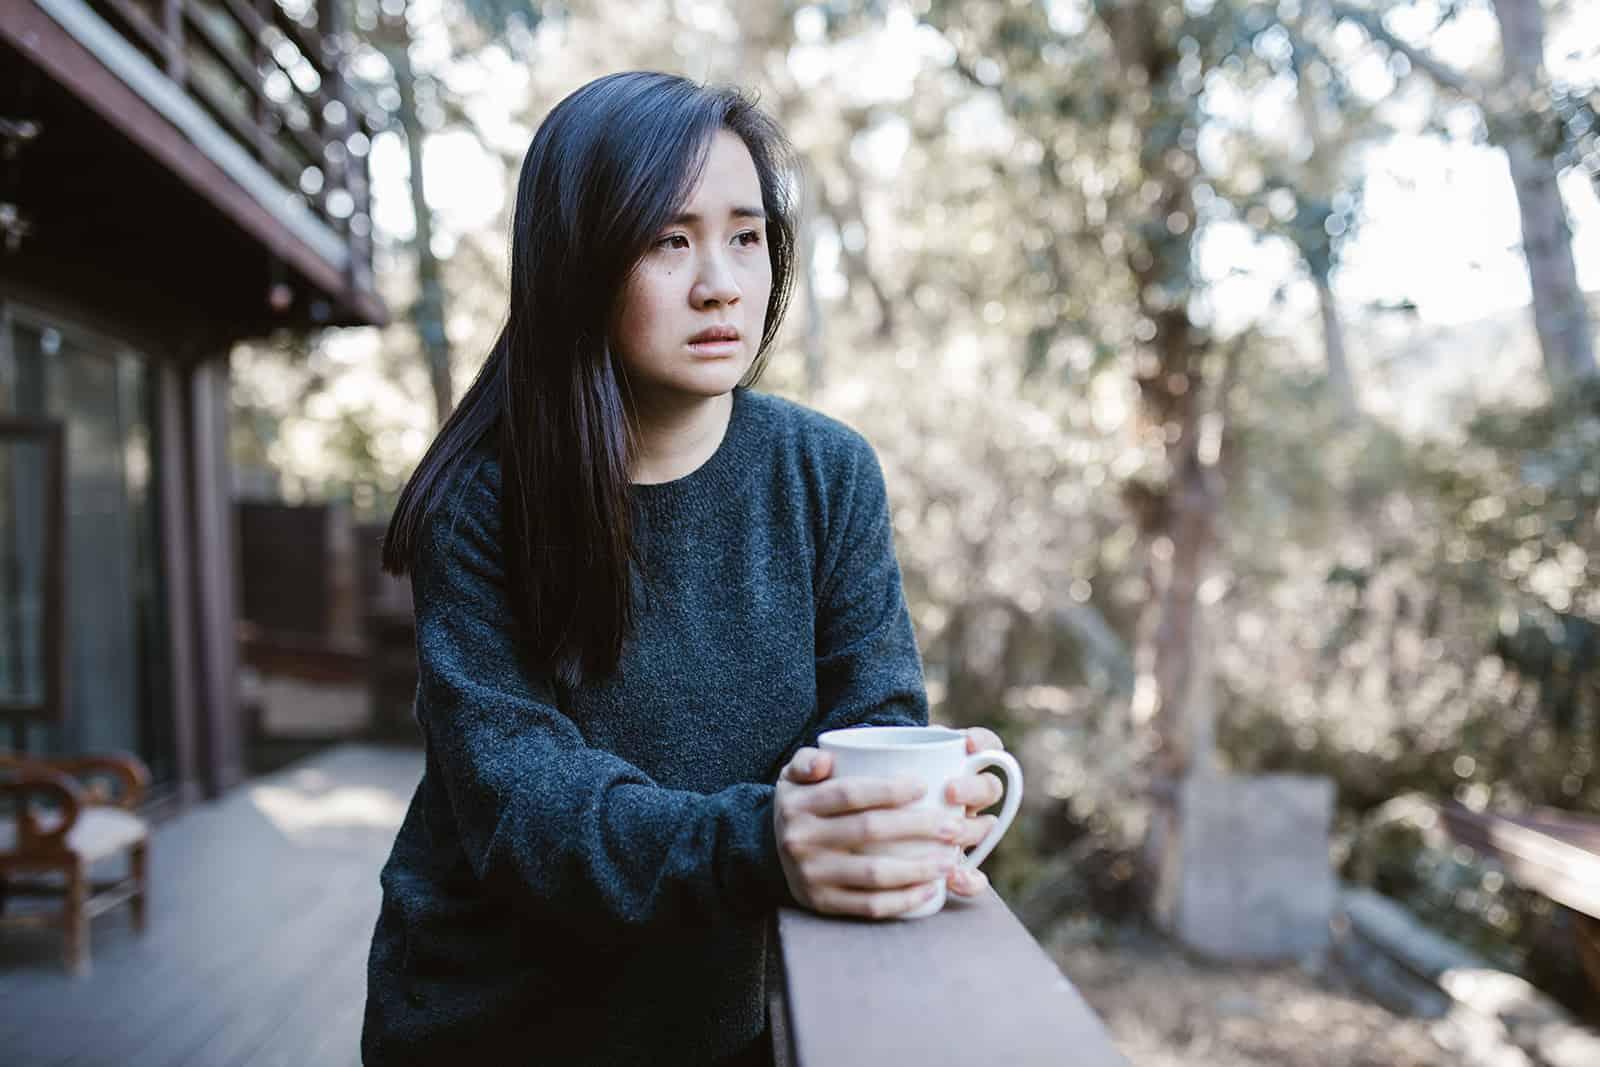 traurige Frau, die Kaffee auf der Terrasse trinkt und nachdenkt